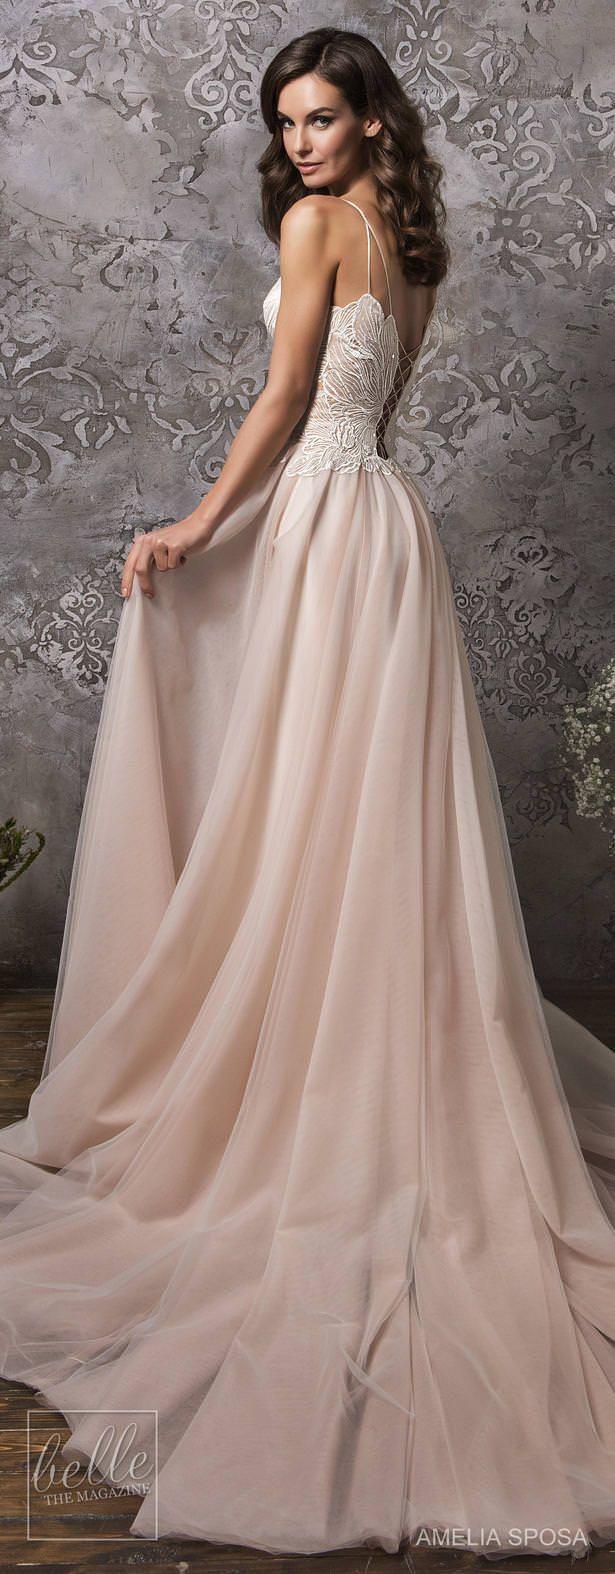 Amelia Sposa Wedding Dress Collection Fall 2018 | Vestidos de novia ...